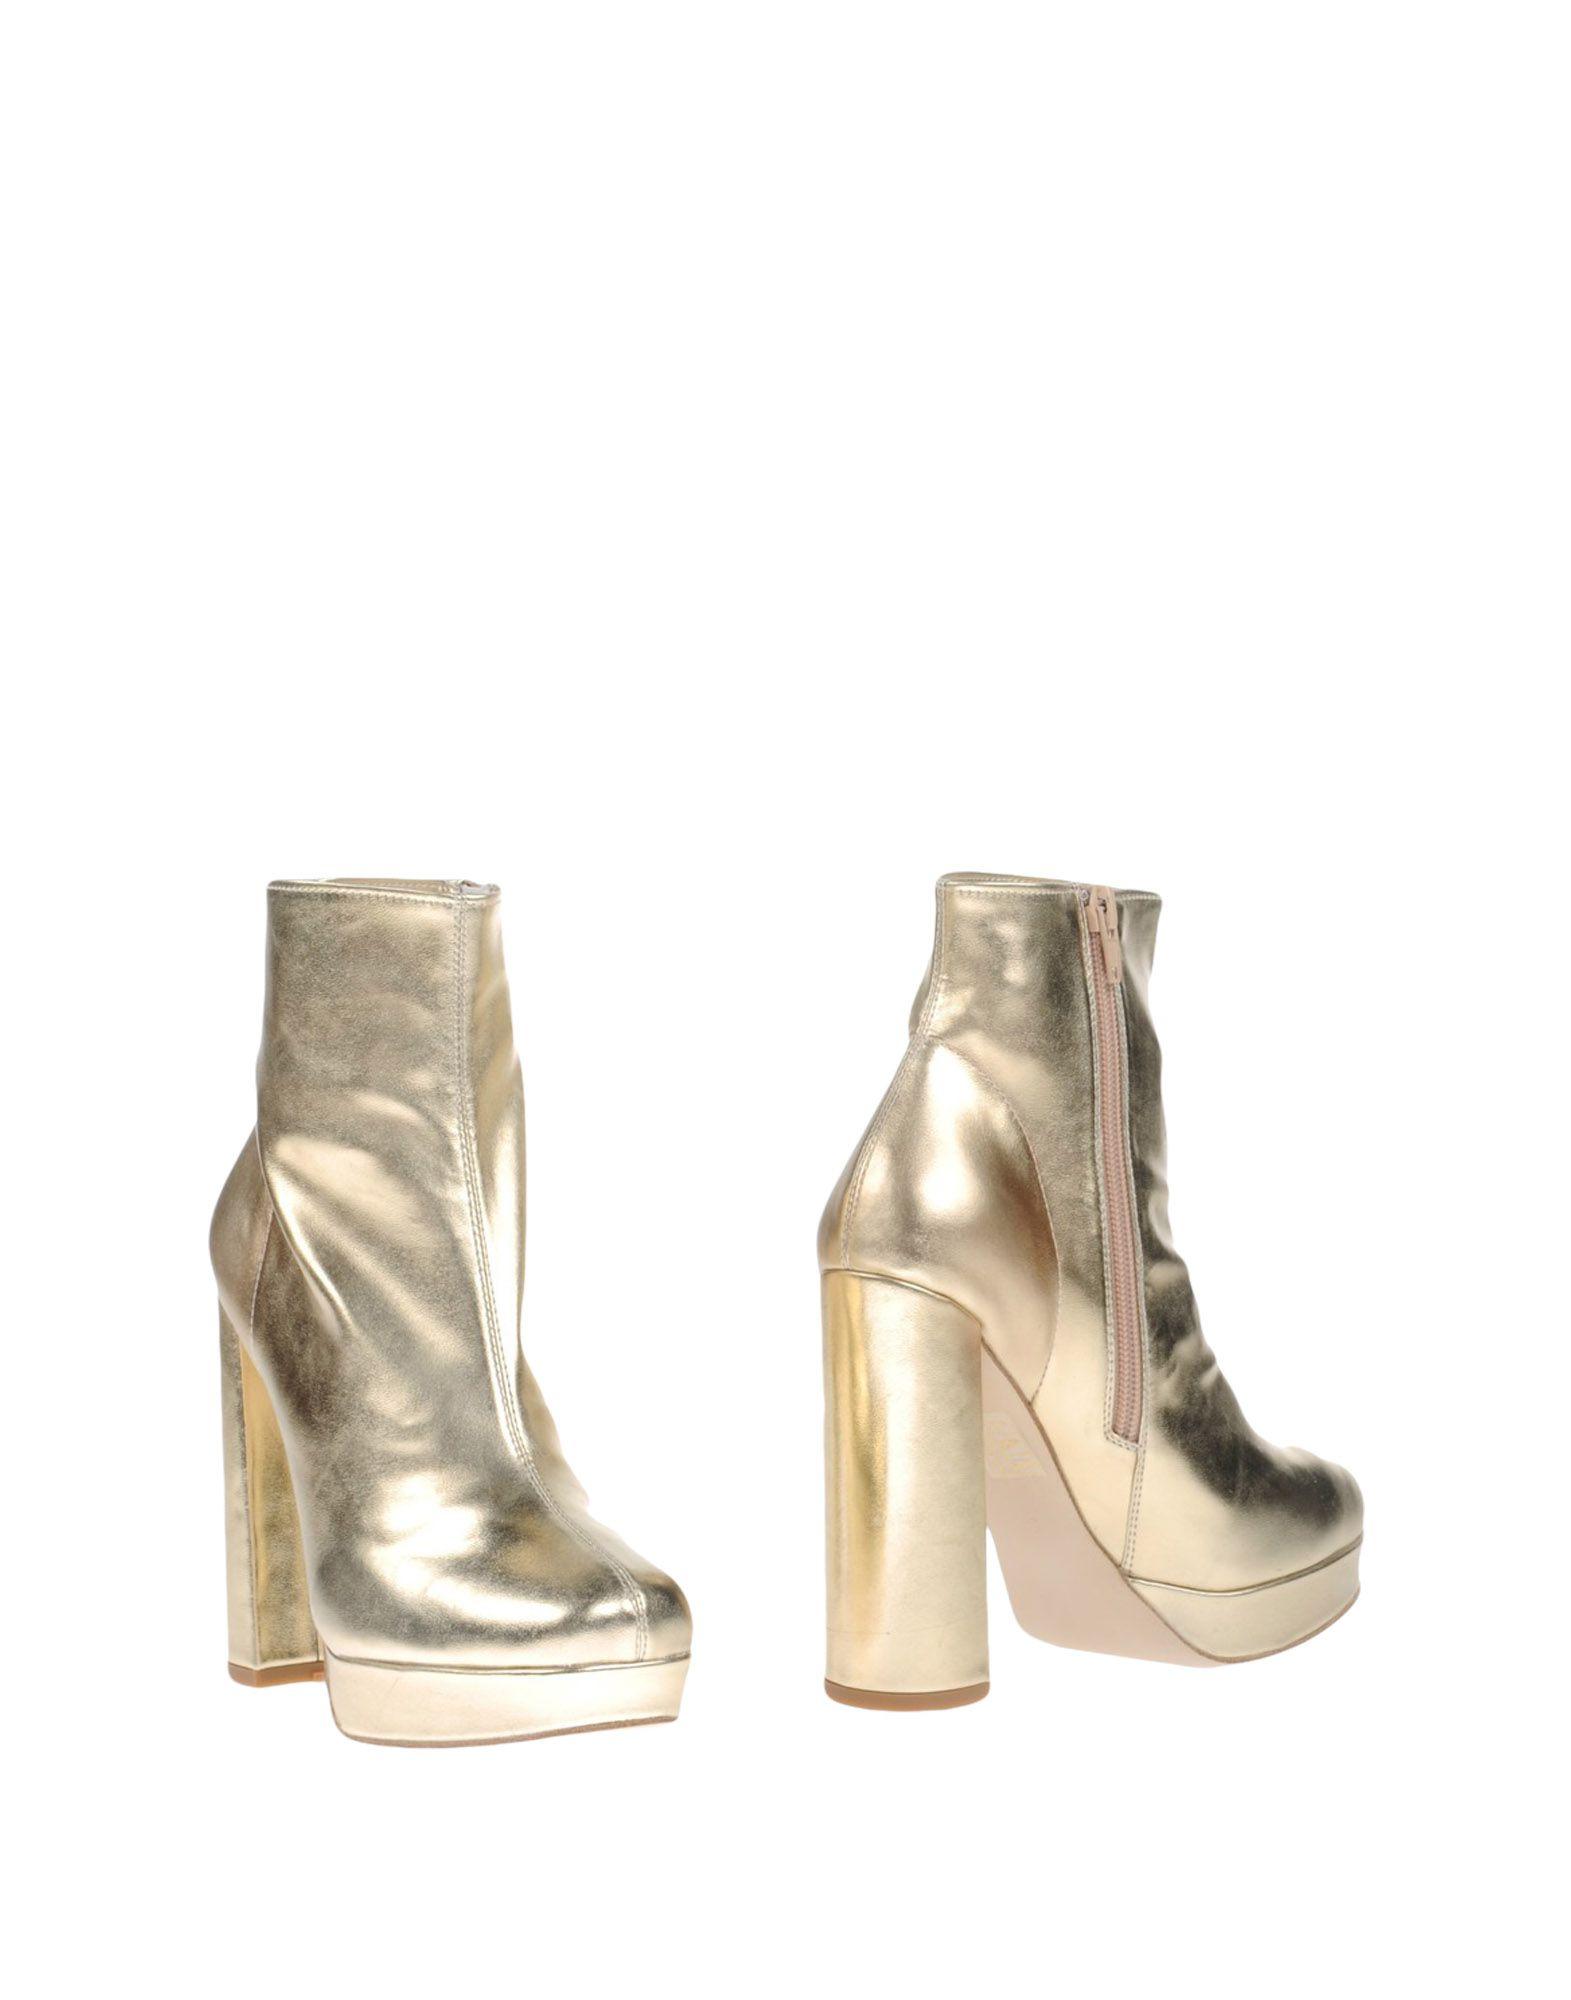 Gut um Campbell billige Schuhe zu tragenJeffrey Campbell um Stiefelette Damen  11195929QW 13b2a4